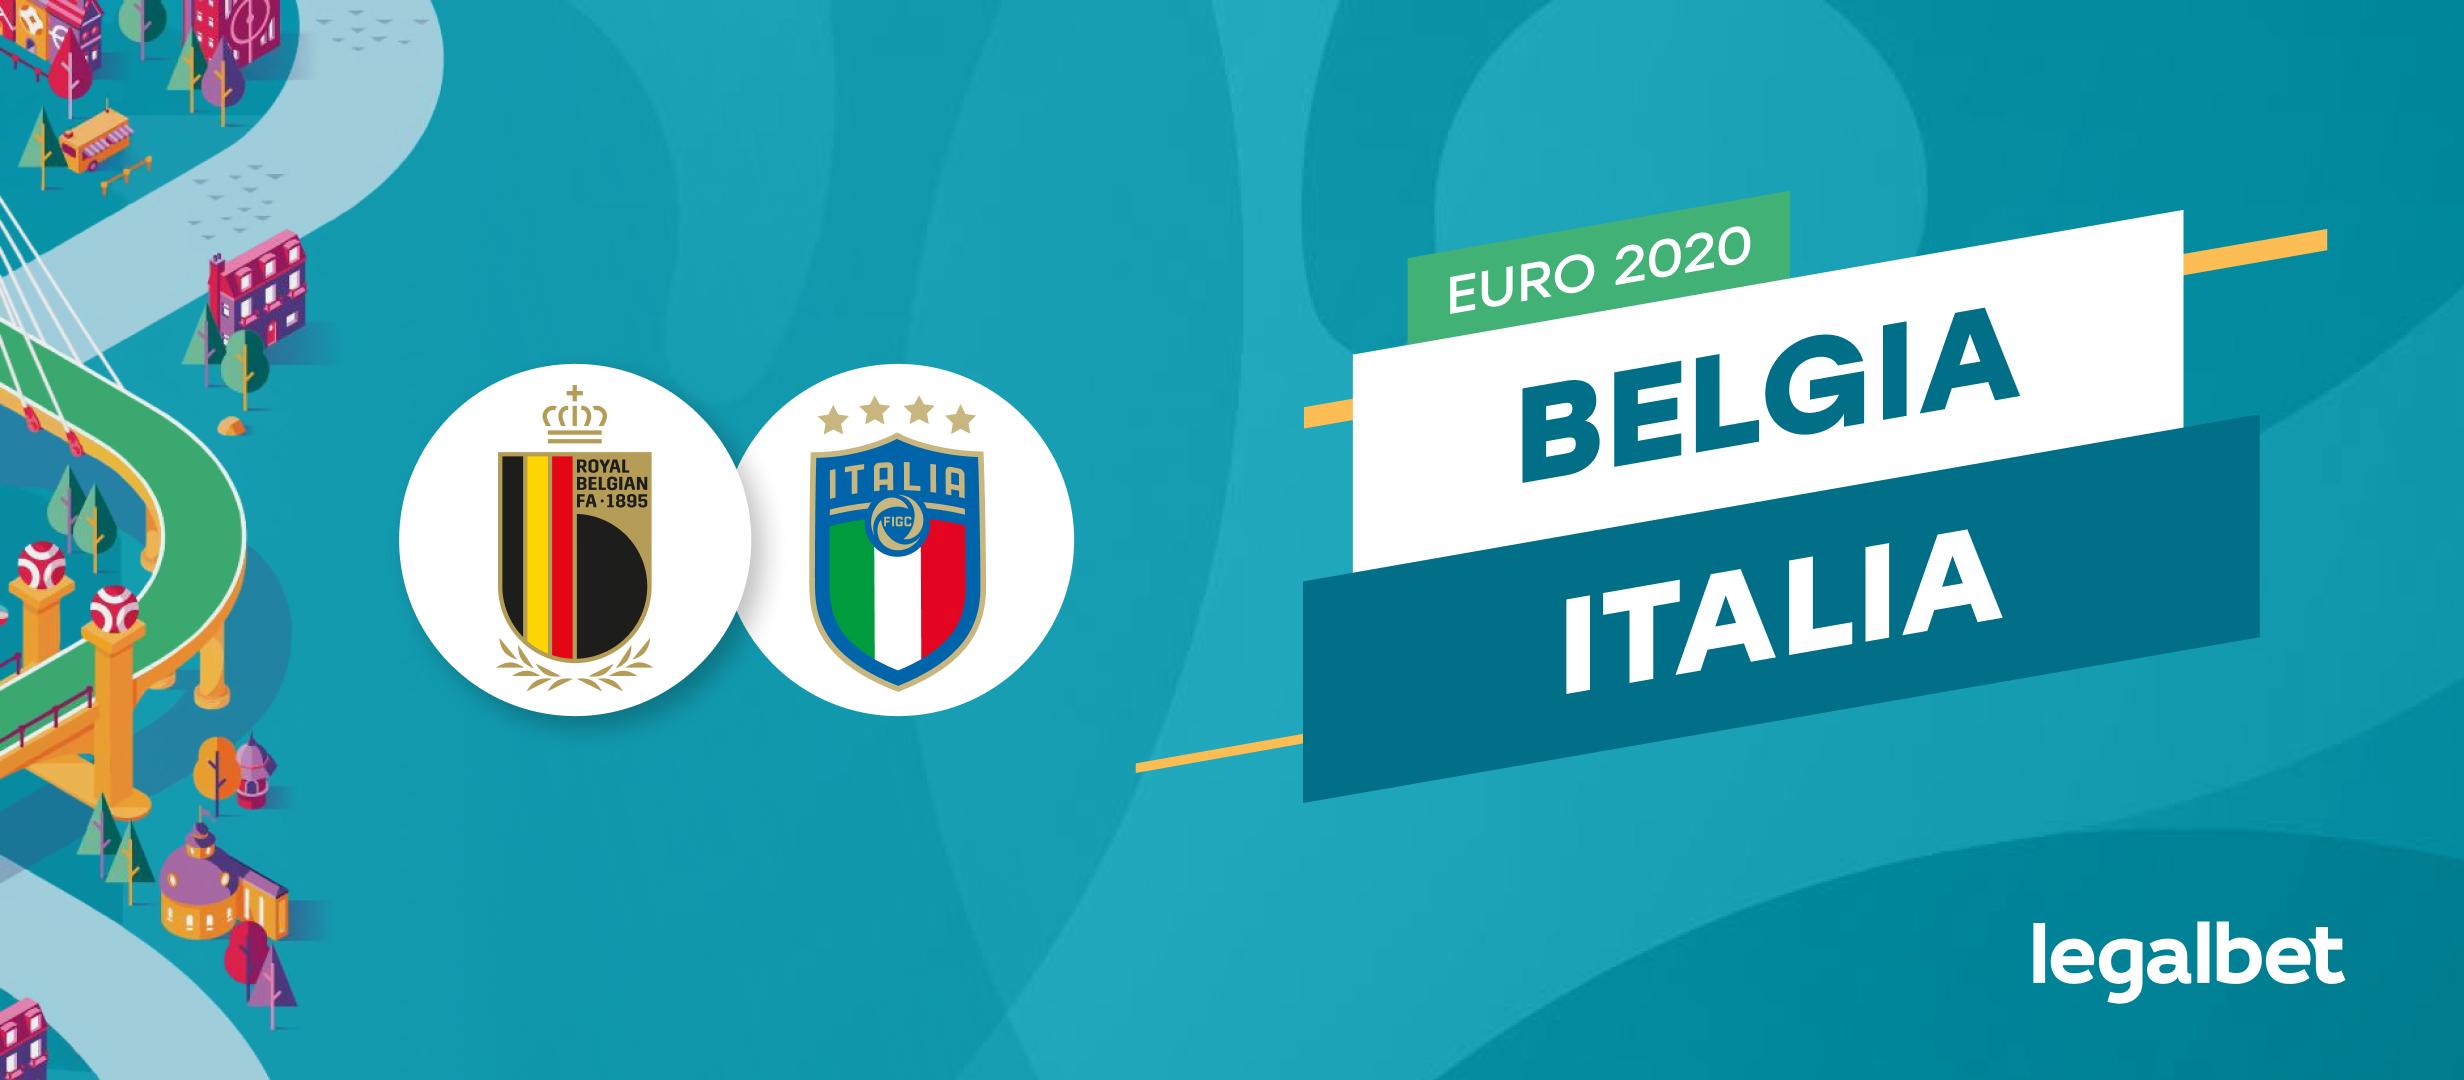 Belgia - Italia, cote la pariuri, ponturi şi informaţii